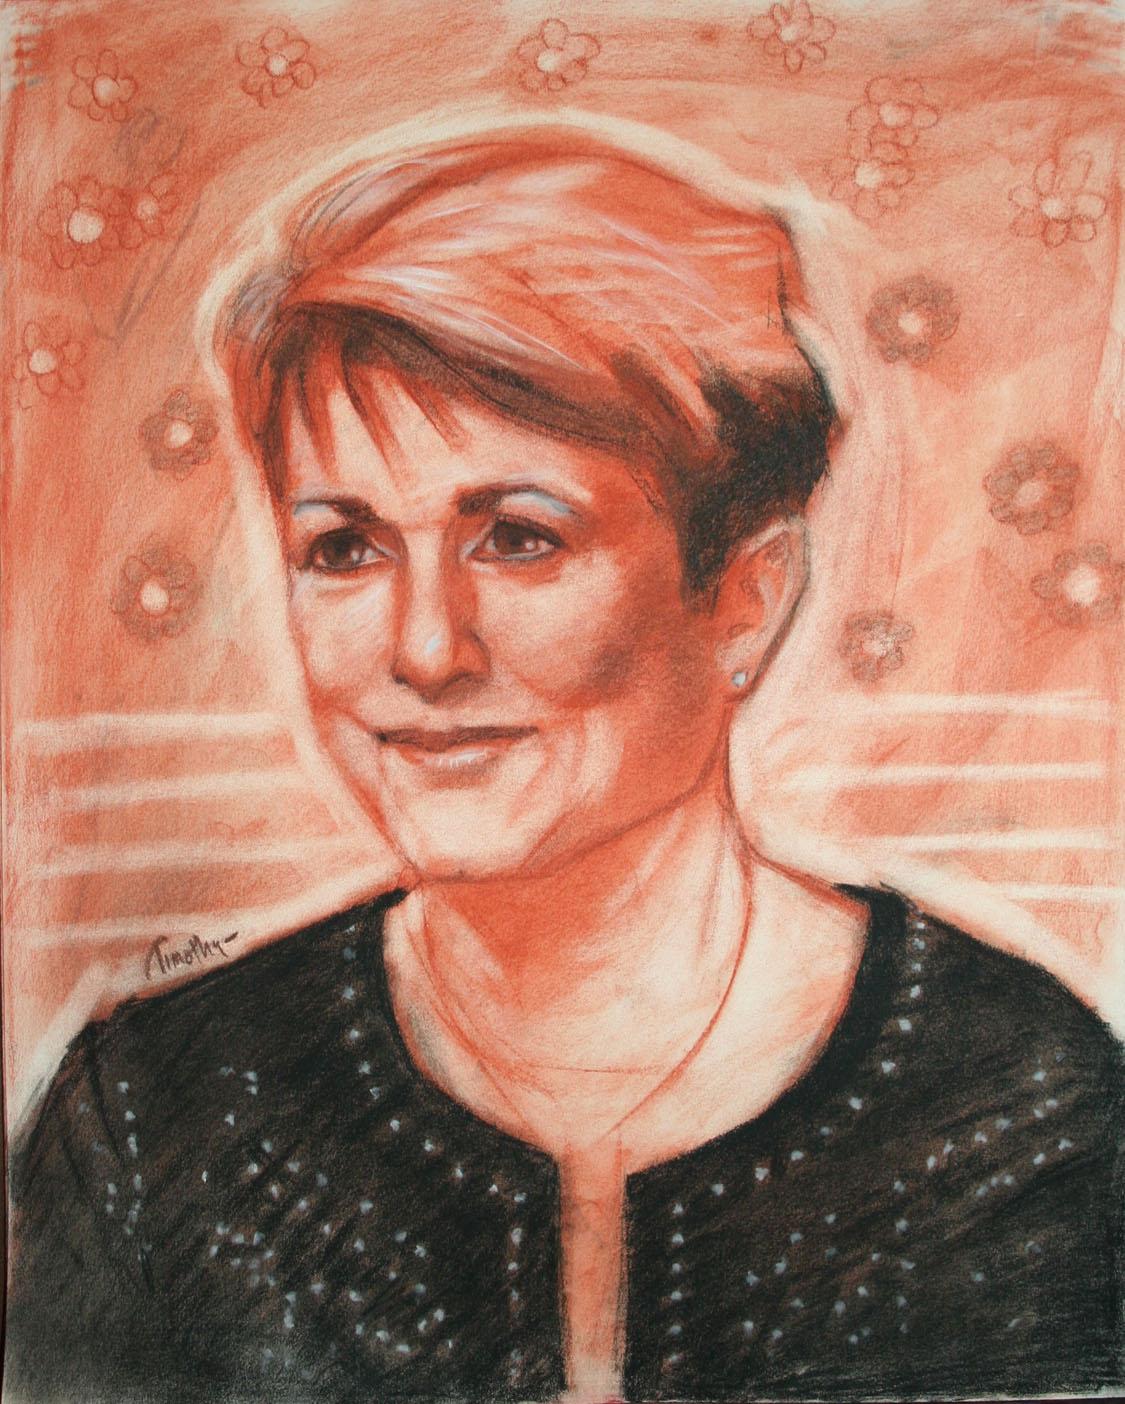 Sue Coy